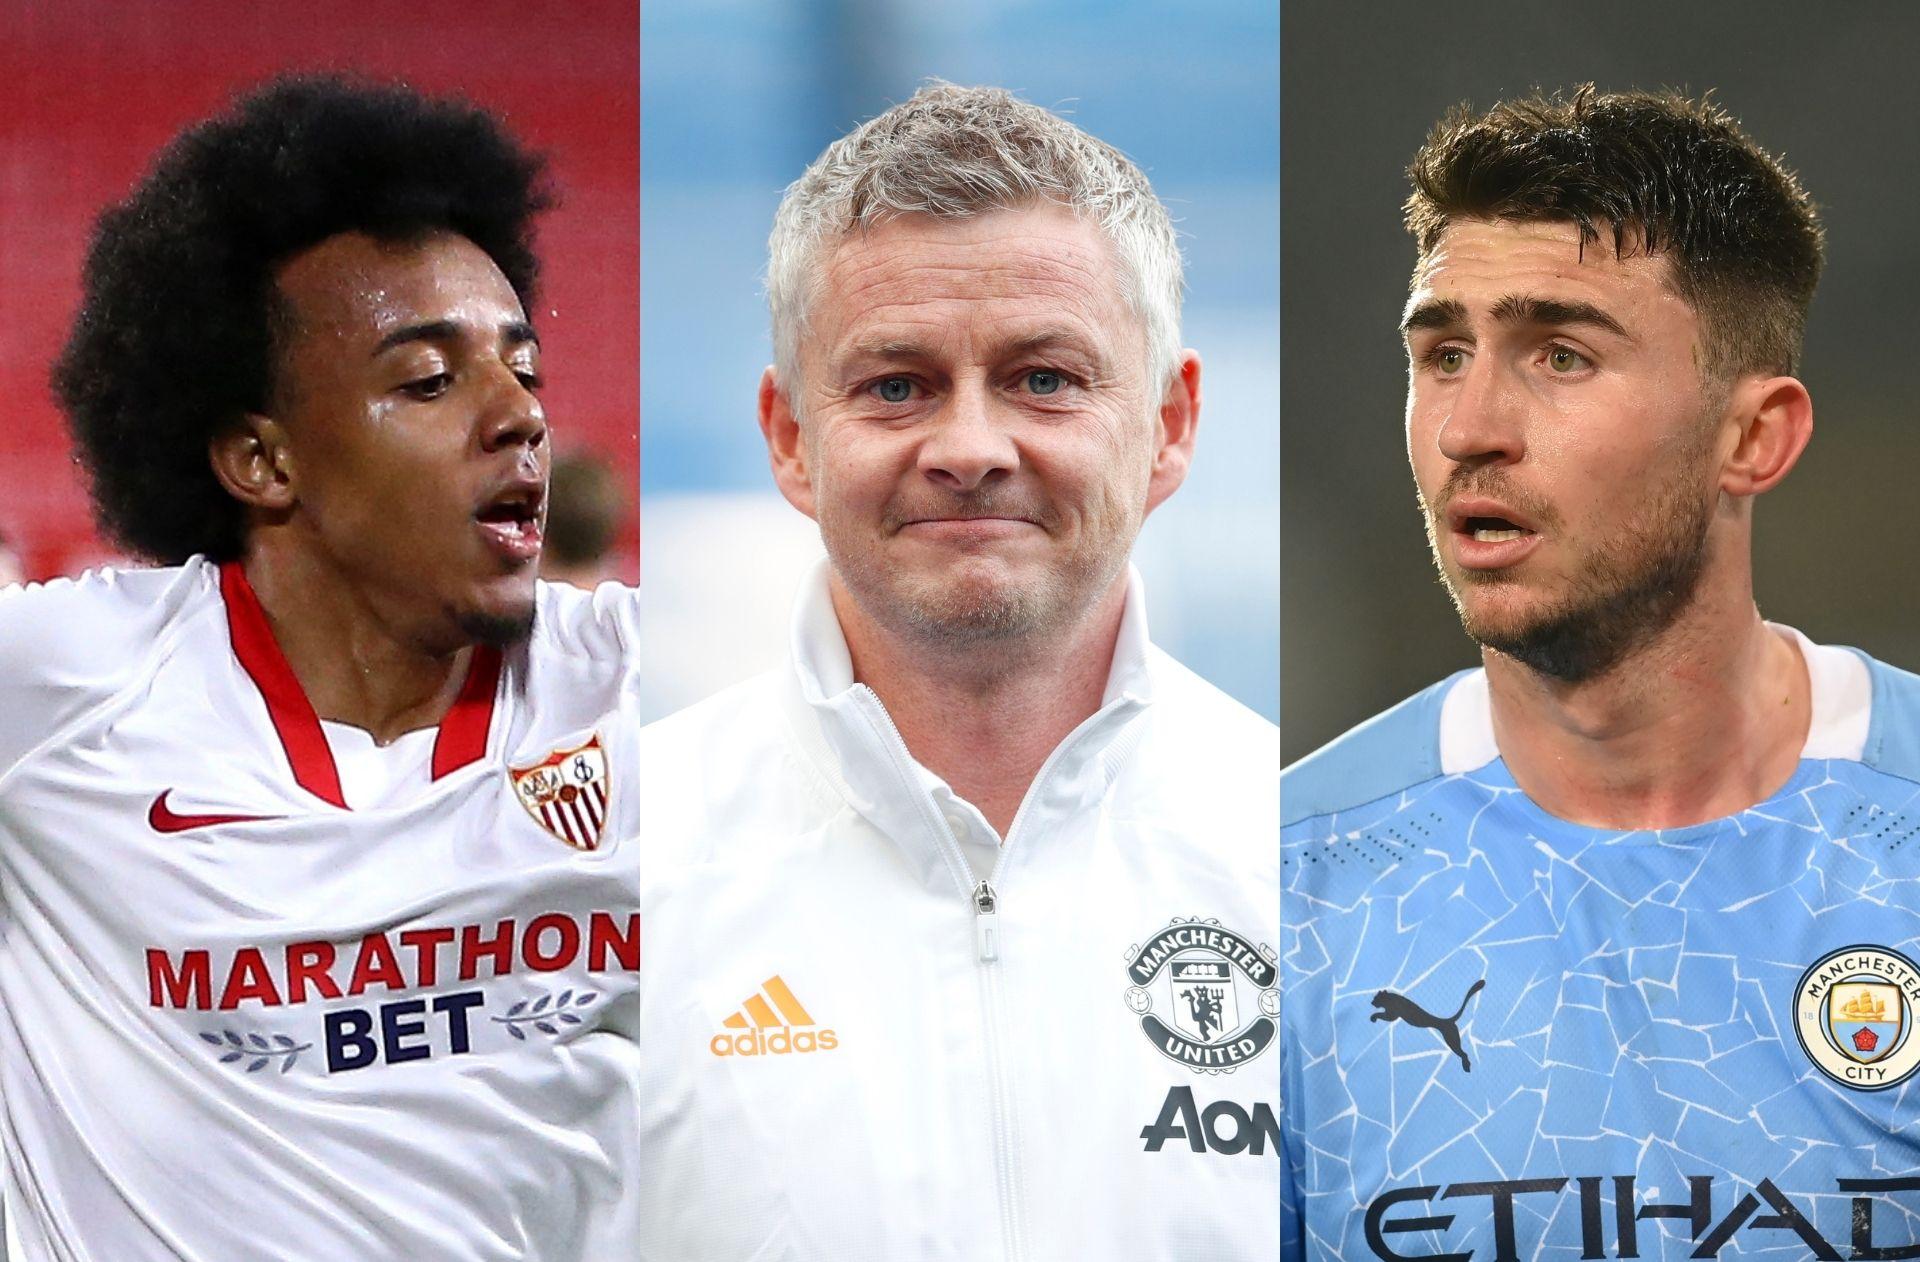 Sunday's transfer rumors - Man United's top summer target revealed